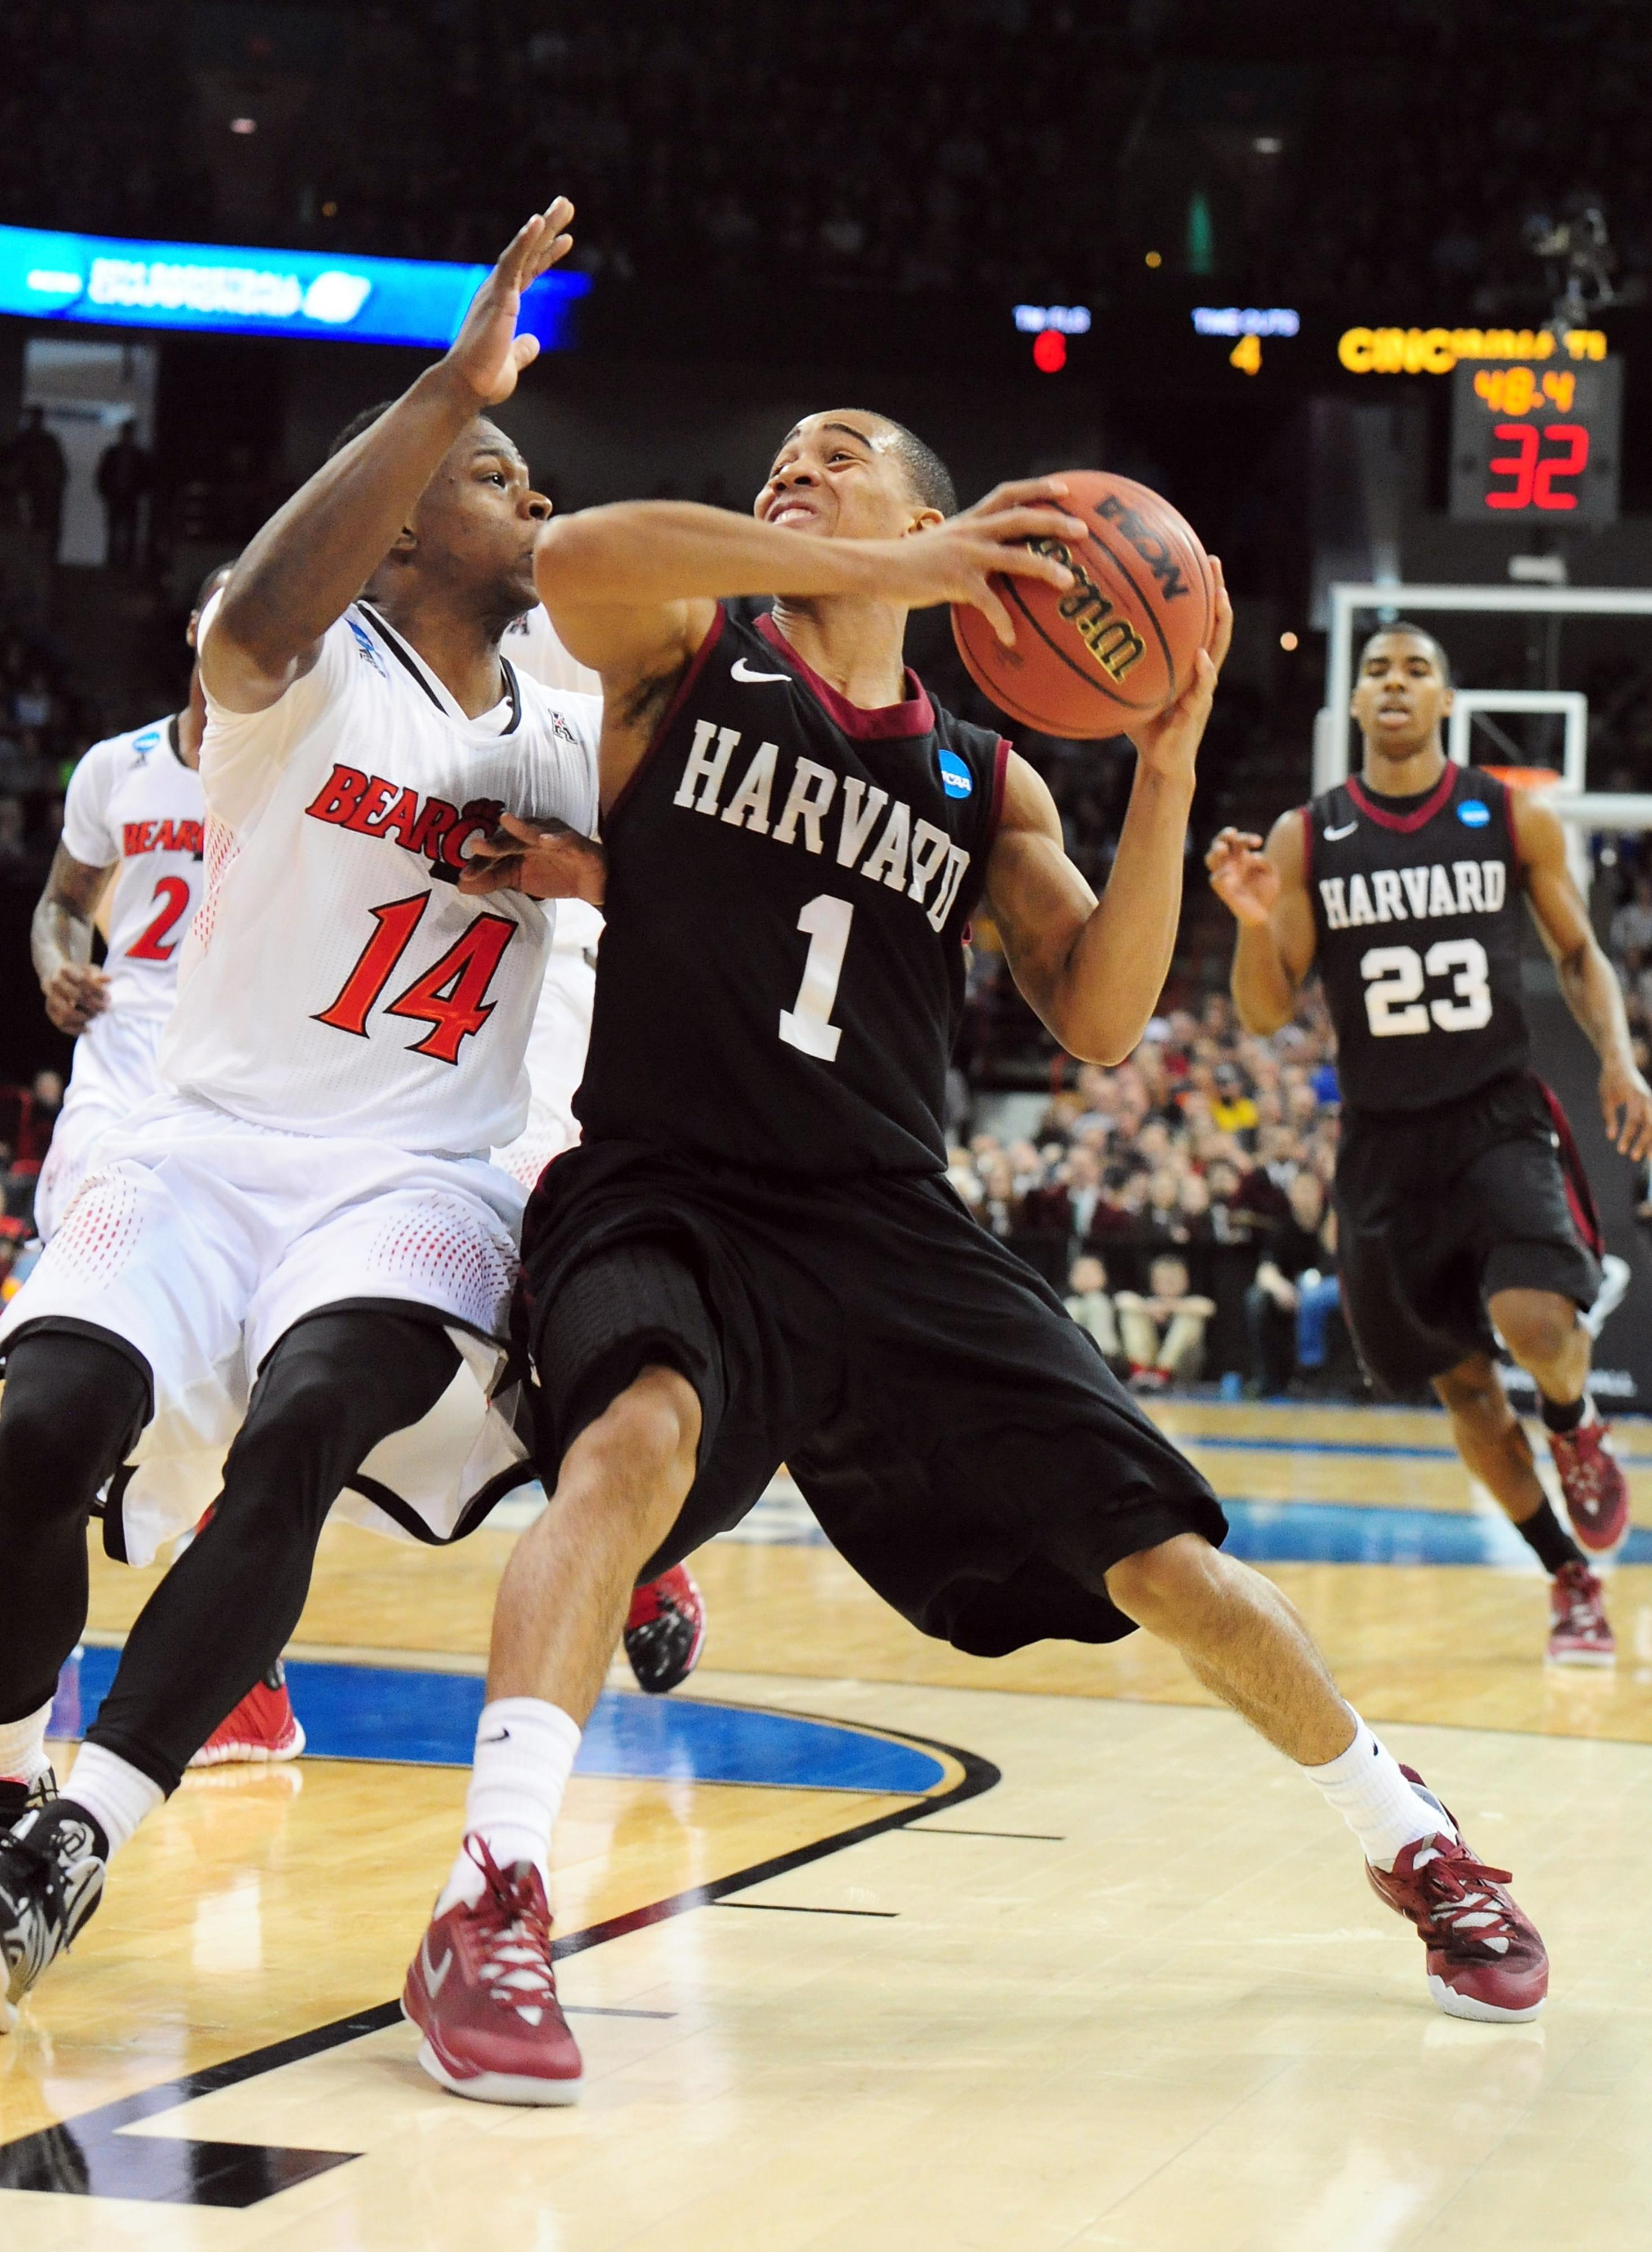 NCAA Tournament bracket update: No. 12 Harvard upsets No. 5 Cincinnati, 61-57